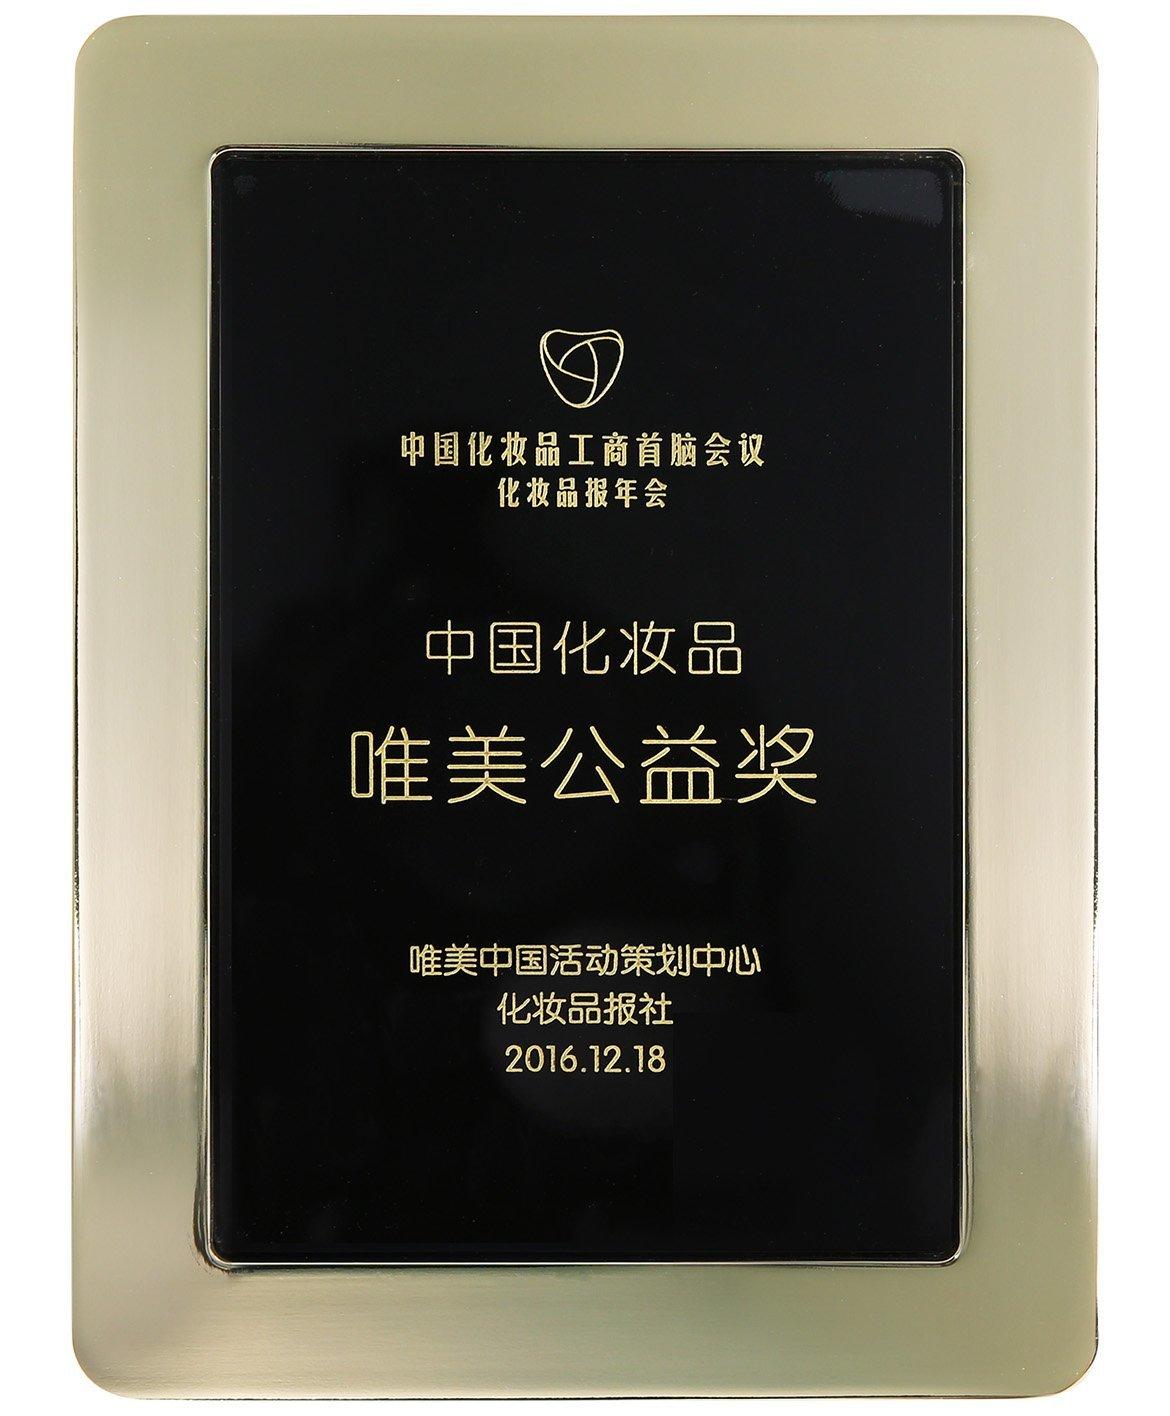 中国化妆品唯美公益奖